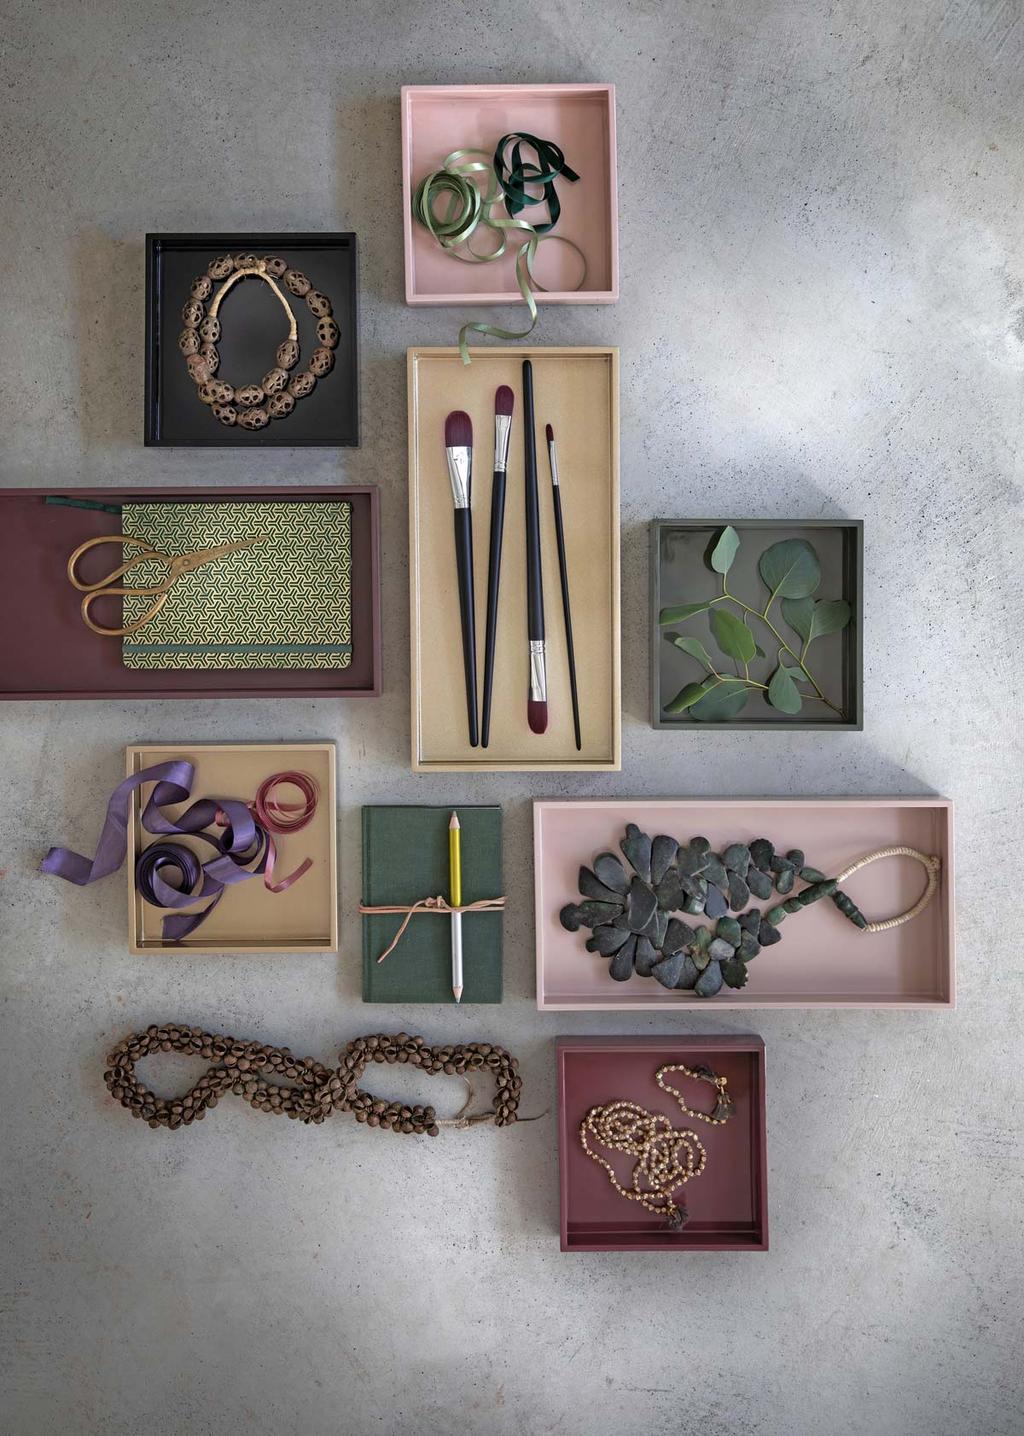 Kest cadeaus inpakken in doosjes.